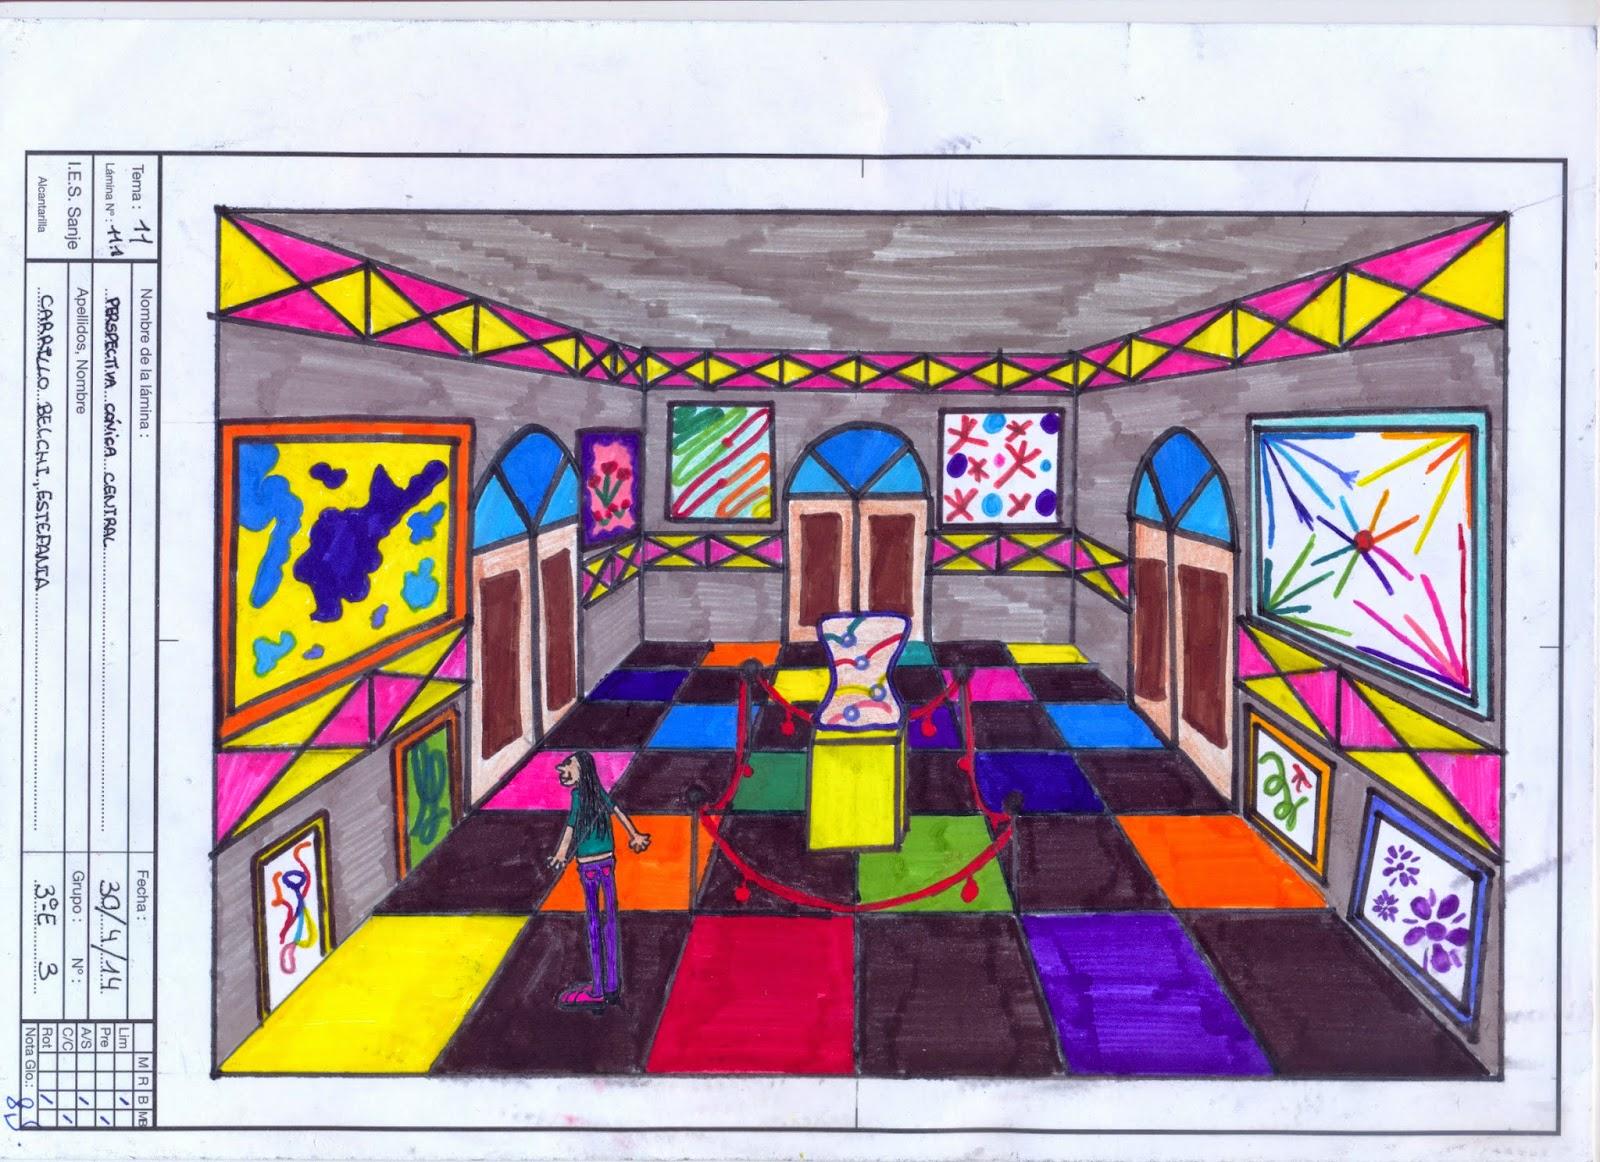 Dibuja garlo perspectiva c nica central de una habitaci n - Habitacion en perspectiva conica ...